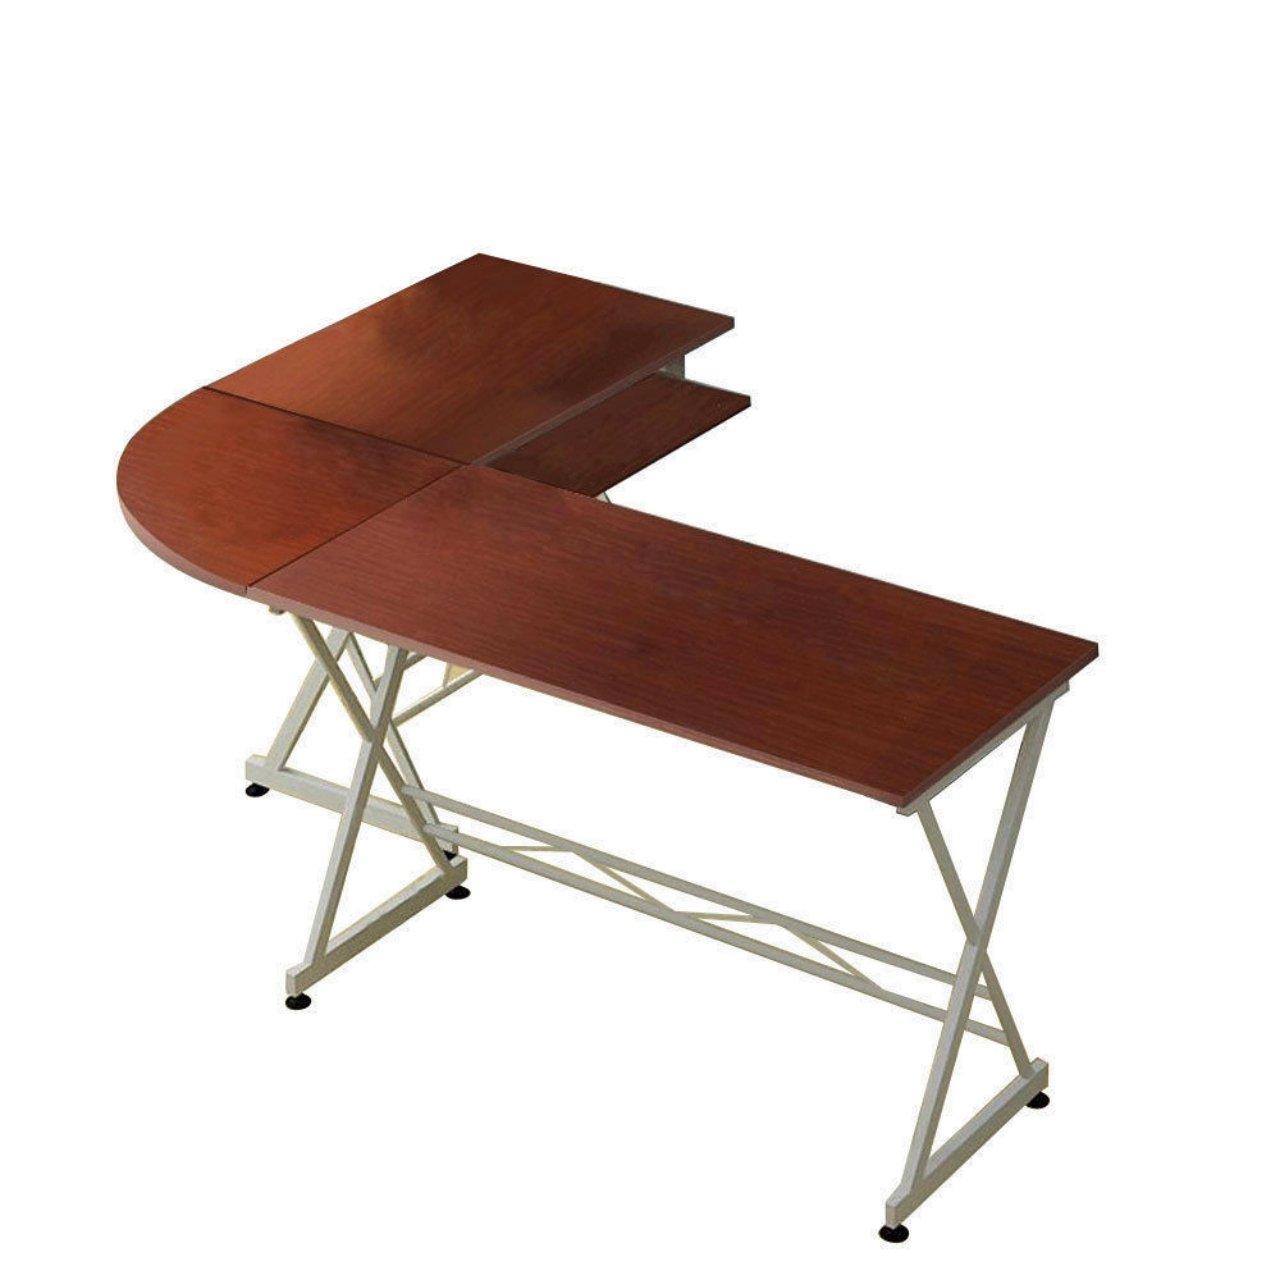 Solid Wood Laptop Computer Desk Corner PC Table Workstation Home Office Decor Furniture/ Brown #1038 by Koonlert@shop